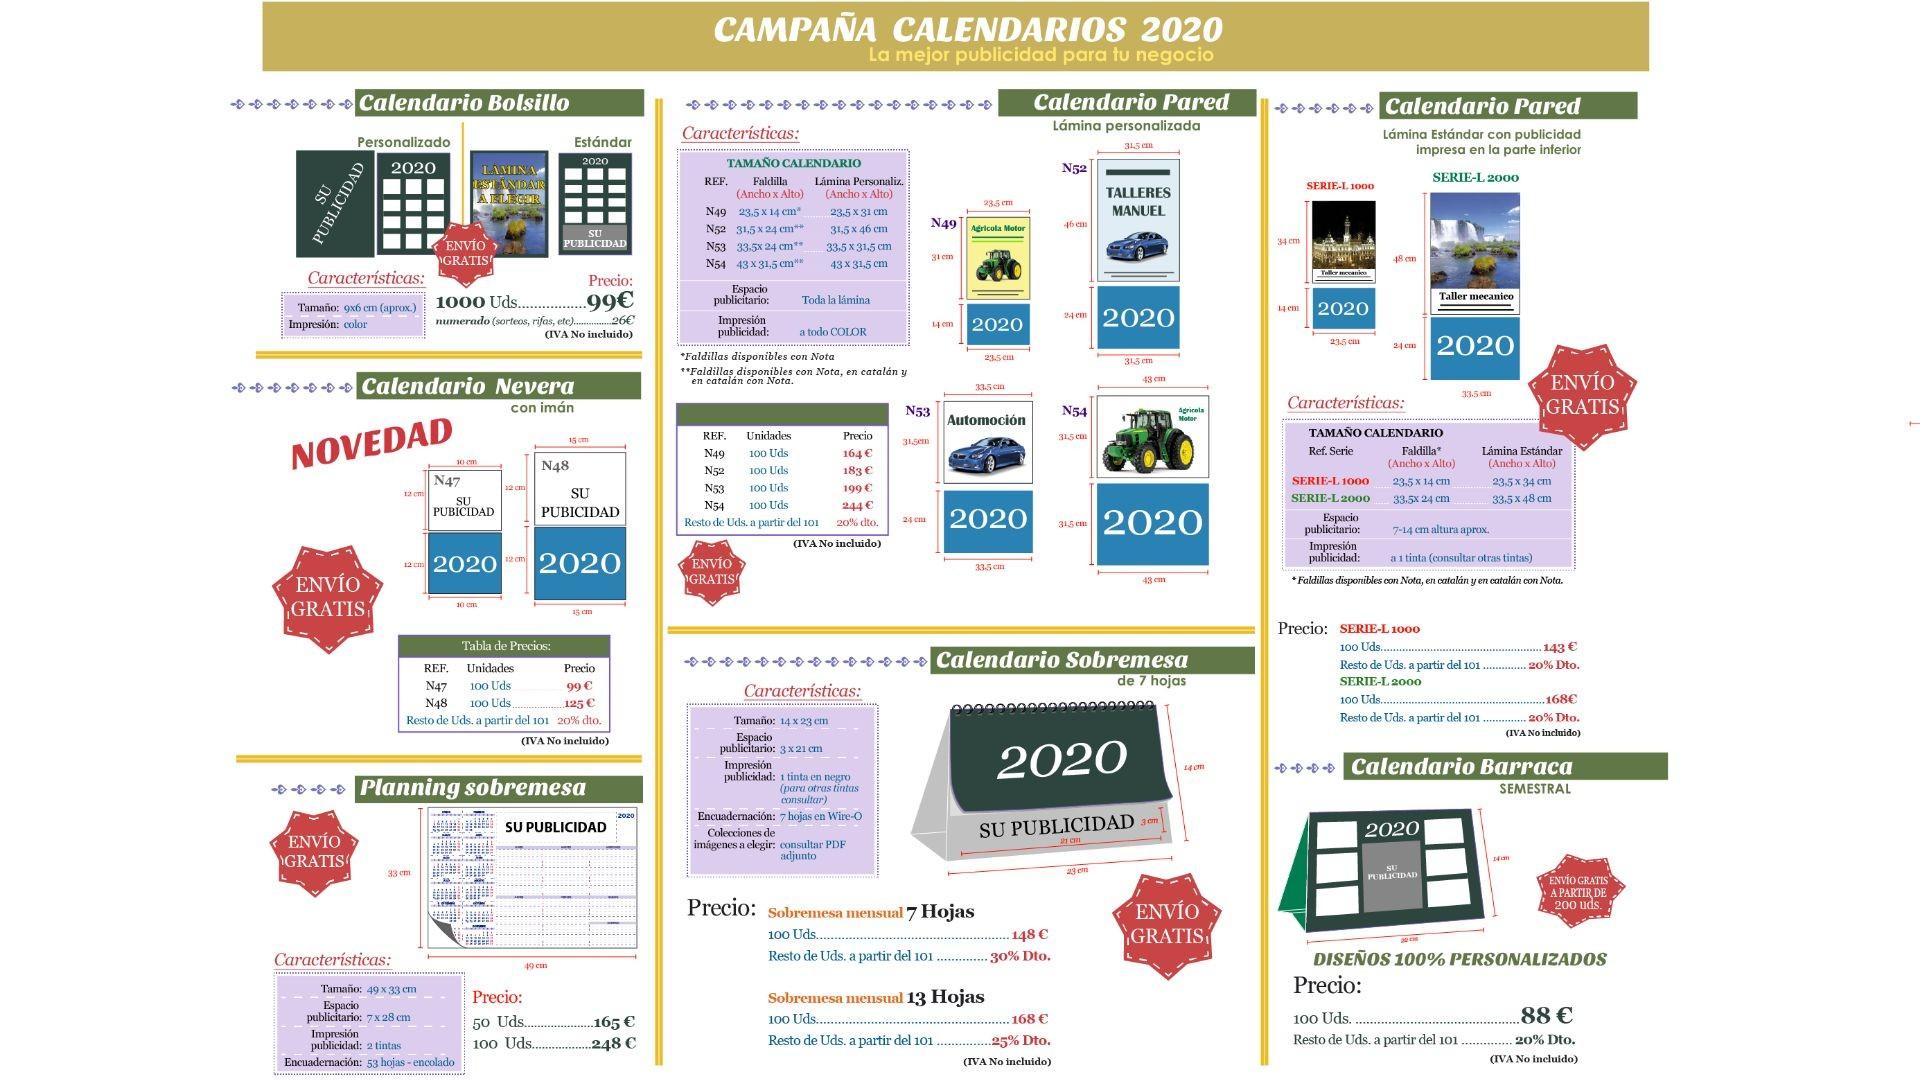 campaña calendarios 2020